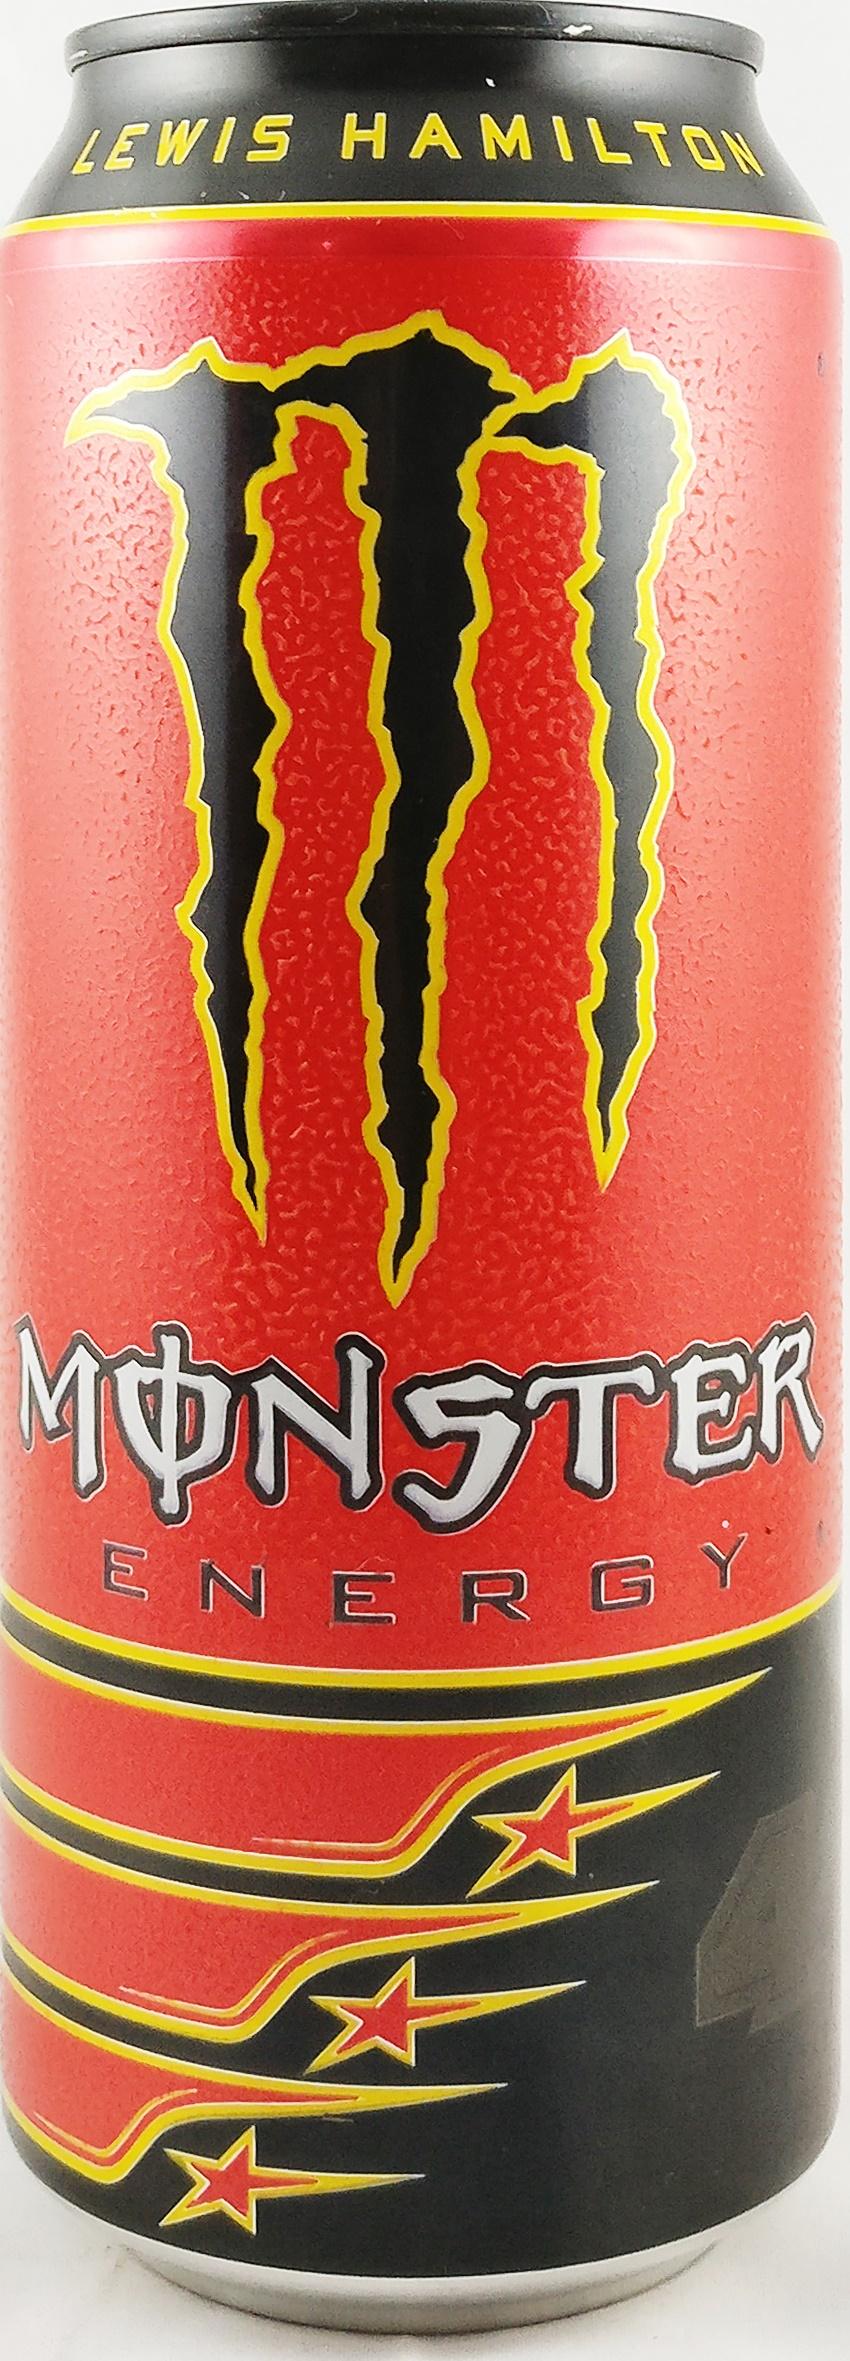 hur mycket koffein i en monster